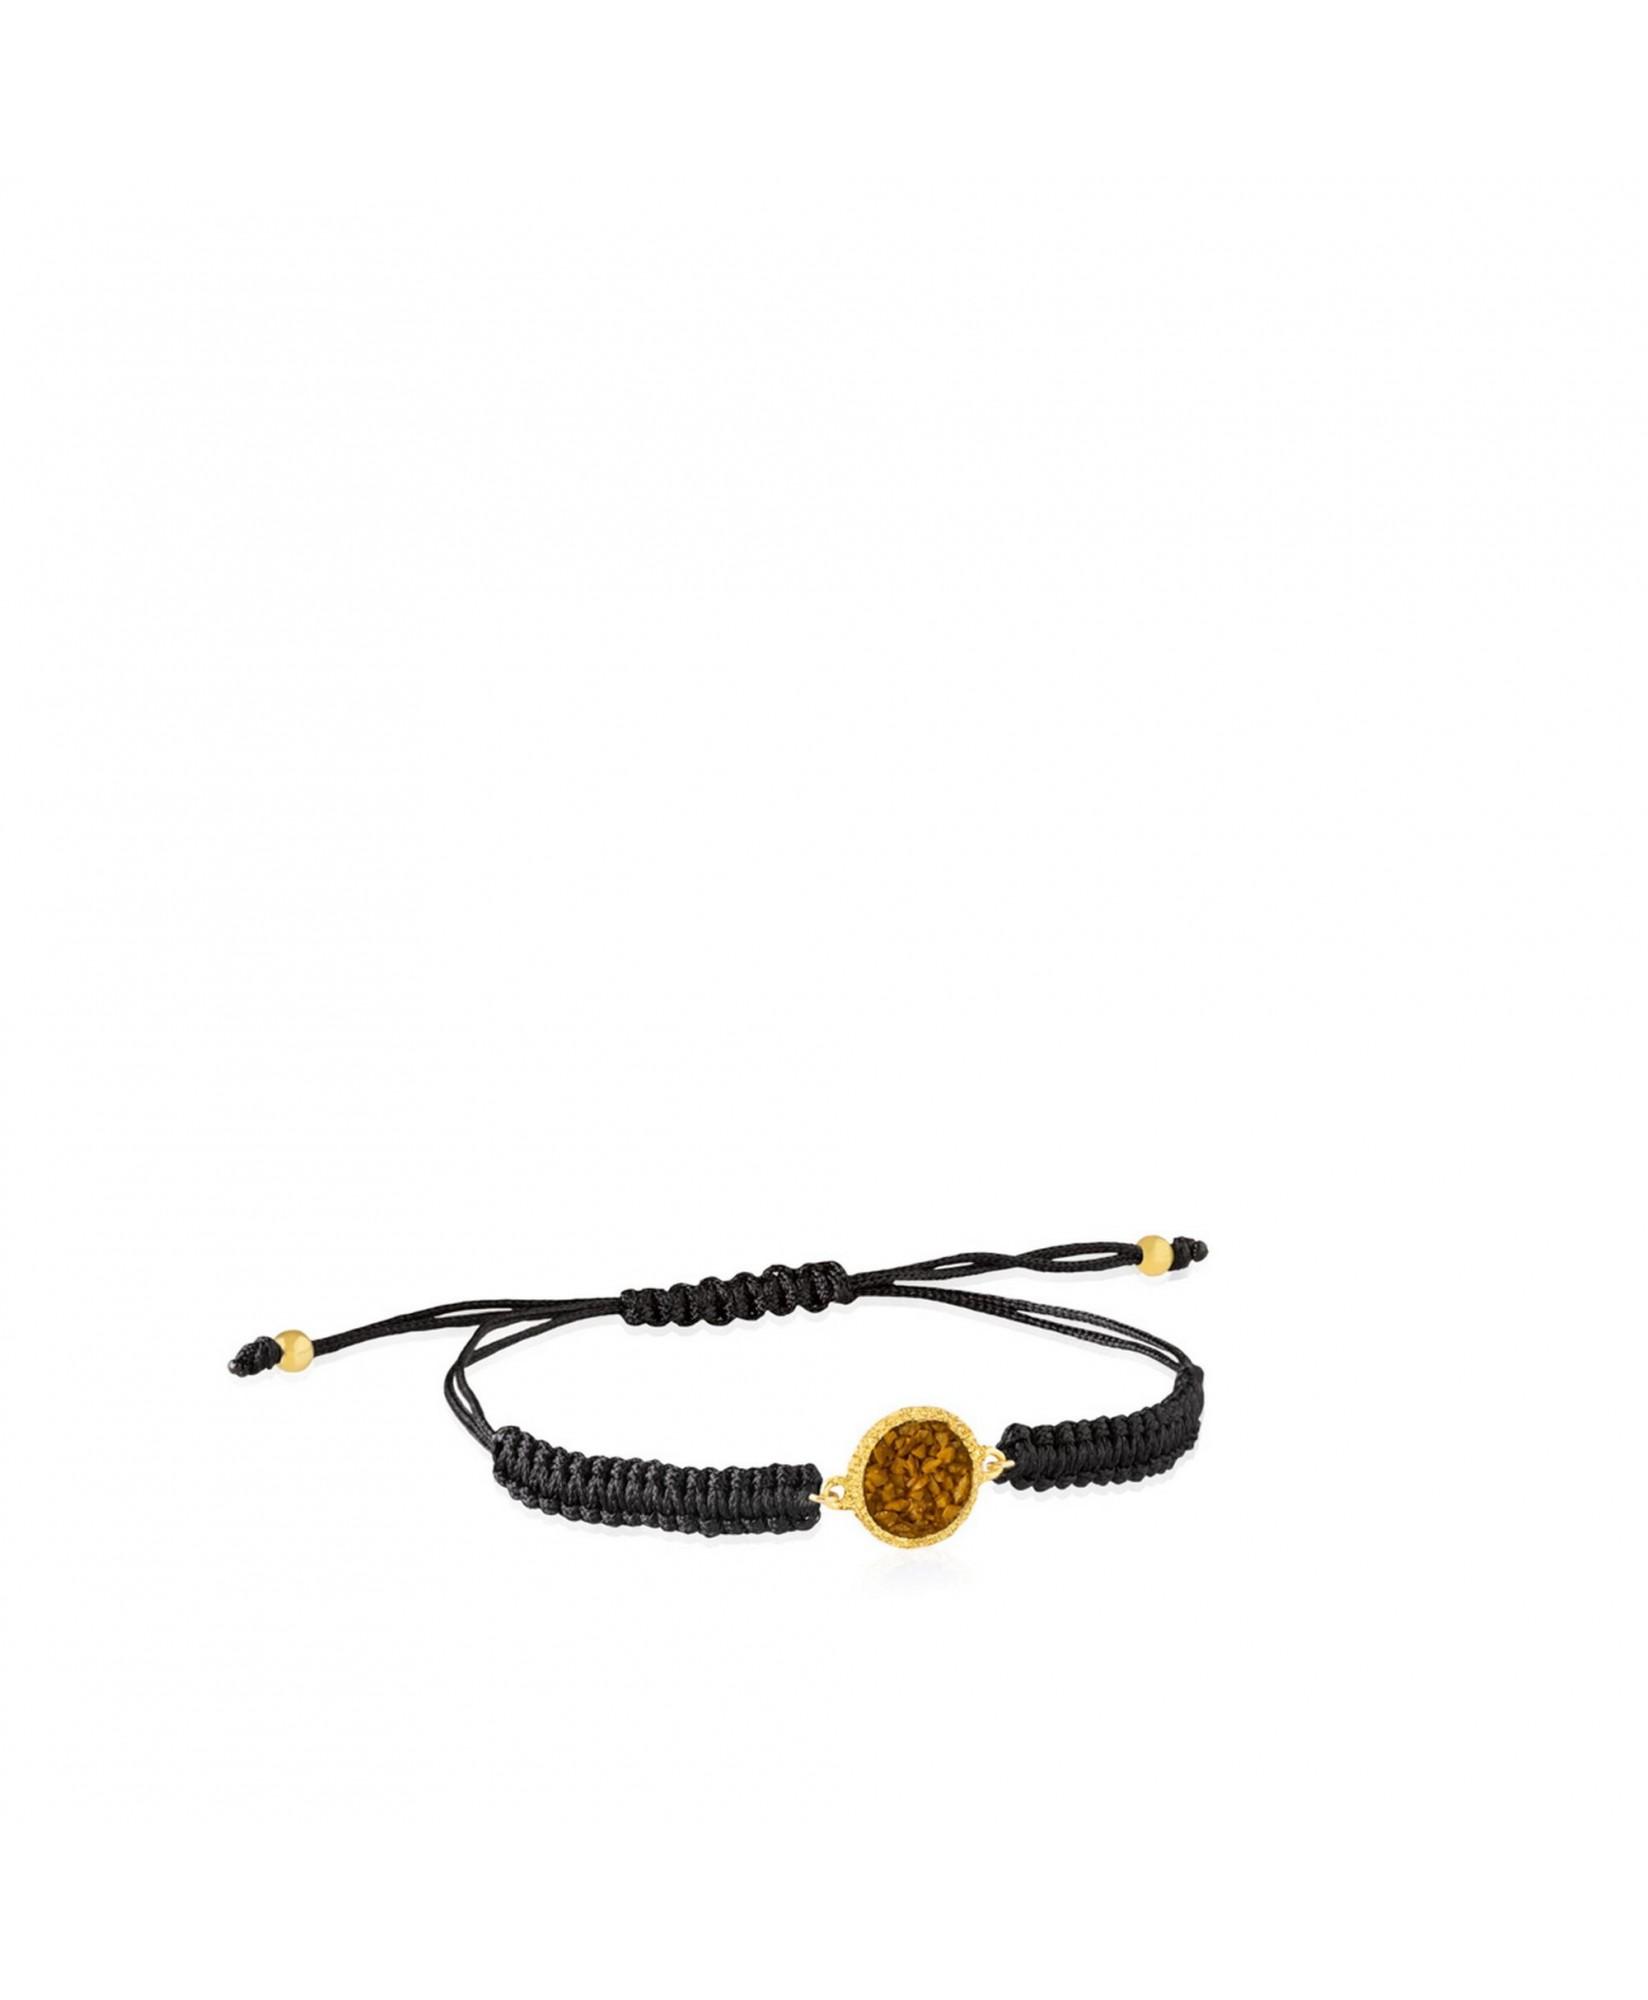 Pulsera cordón mujer y oro Sand con nácar color mostaza Pulsera cordón mujer y oro Sand con nácar color mostaza